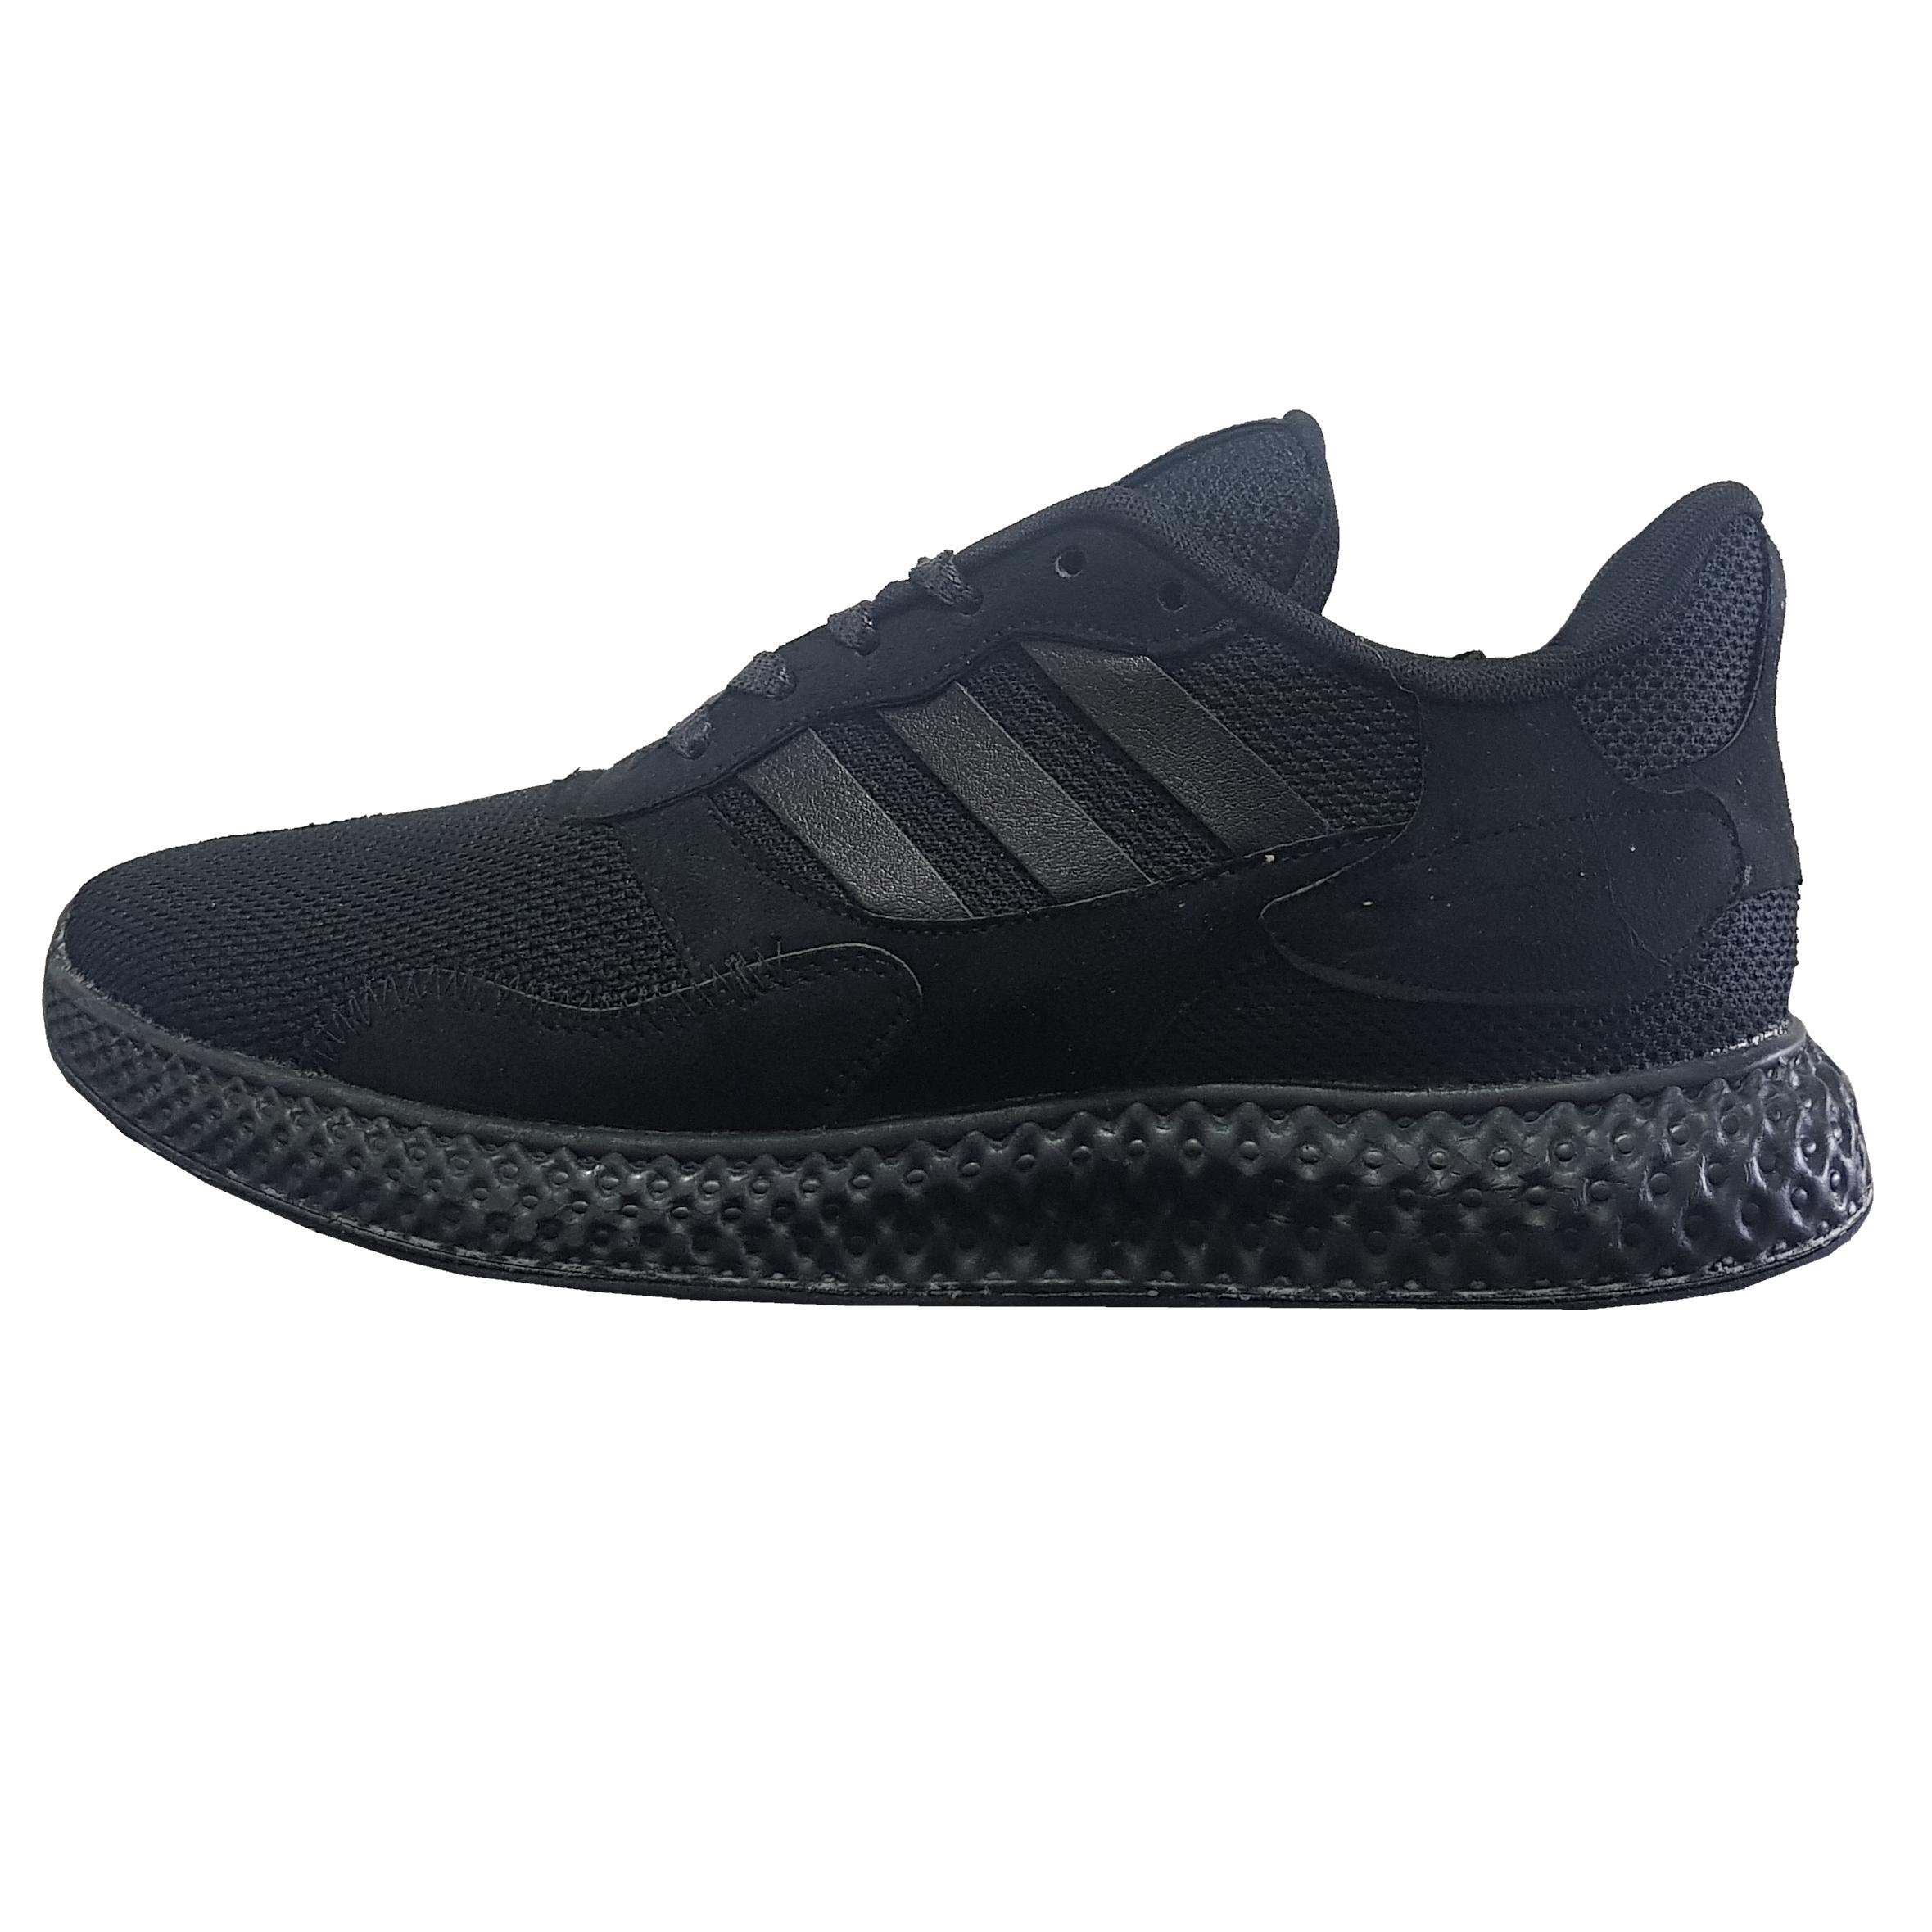 خرید                      کفش  پیاده روی مردانه مدل زامورا کد 6416